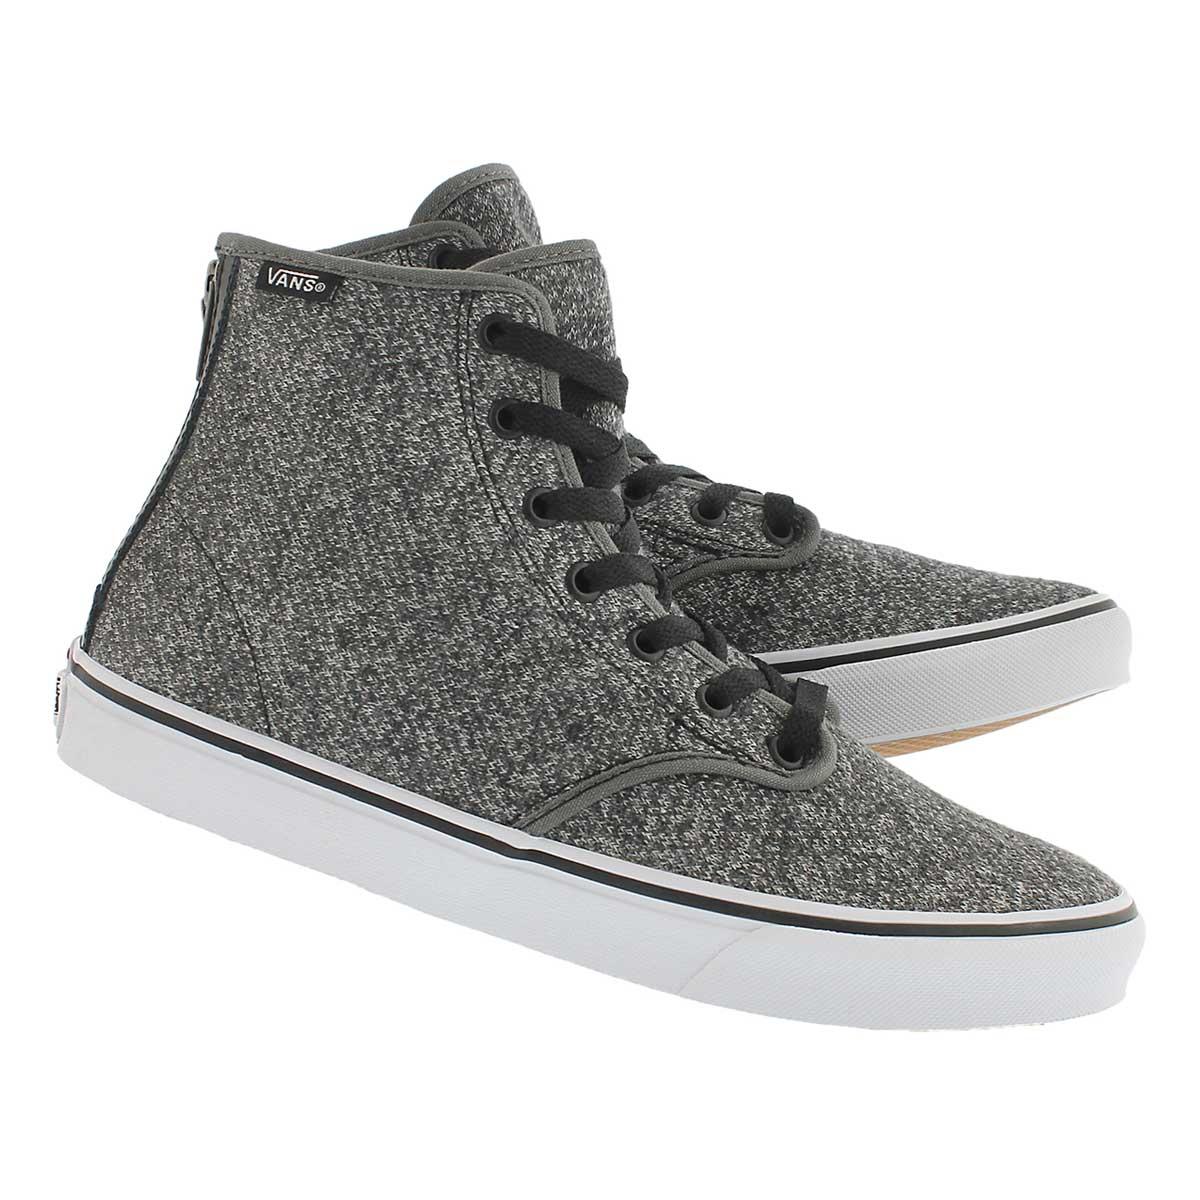 Lds Camden Hi Zip grey lace up snkr